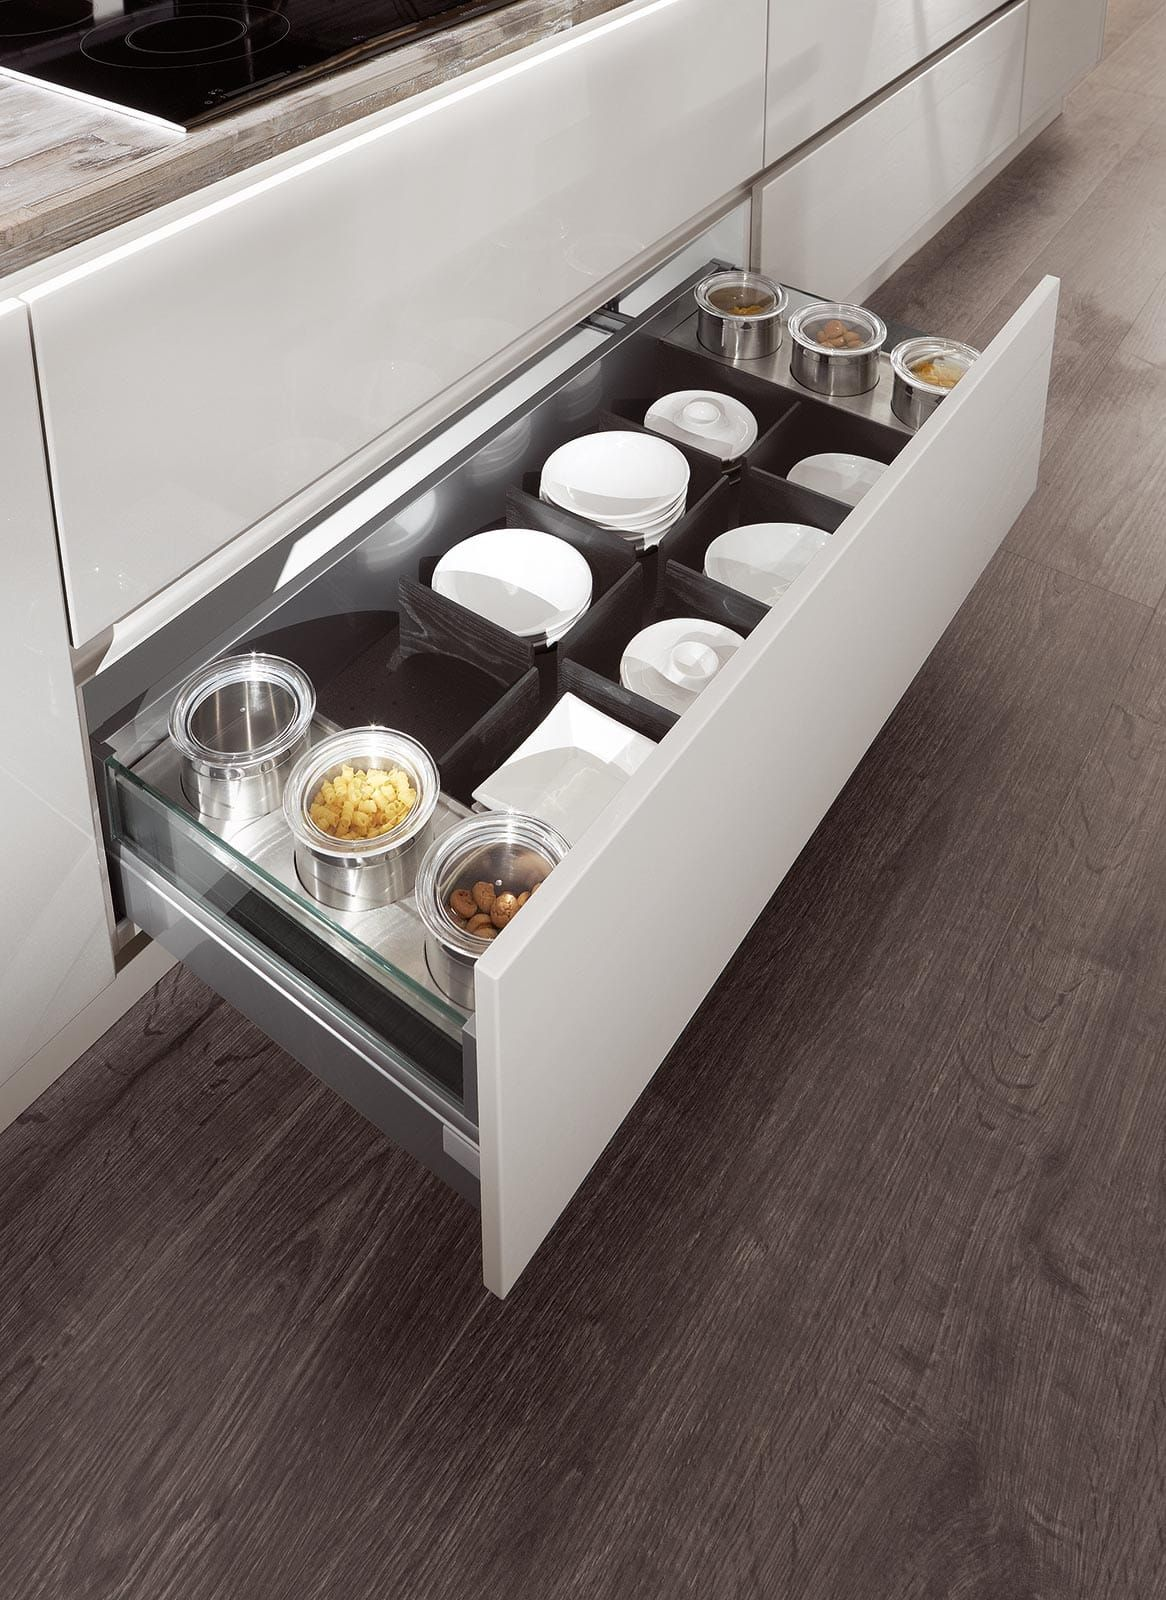 unterschrank einbauküche hochglanz weiß norina 9555 | Design ...